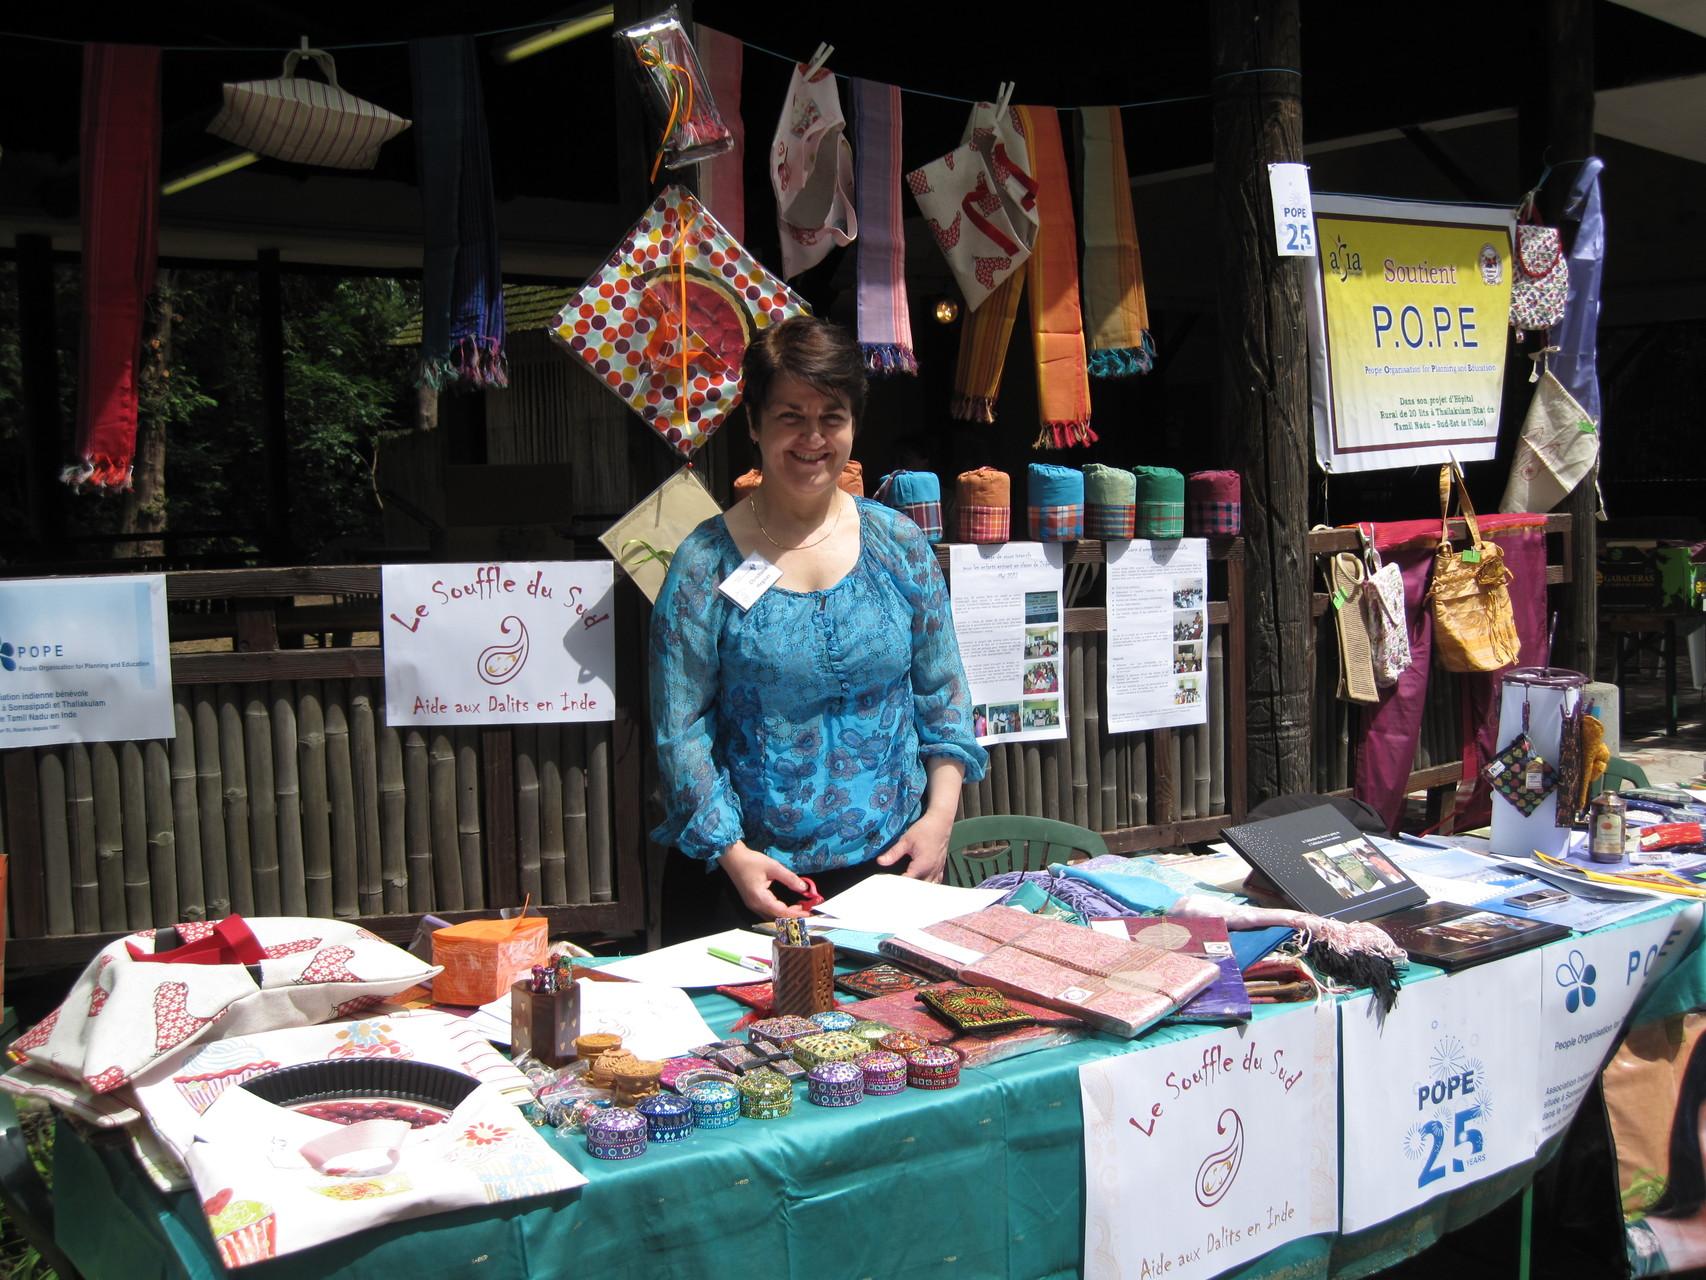 2012 - Christiane derrière le stand bien achalandé en sacs de couchage, sac à tartes, petites boîtes et papeterie indiennes, biscuits apéritifs épicés à l'indienne